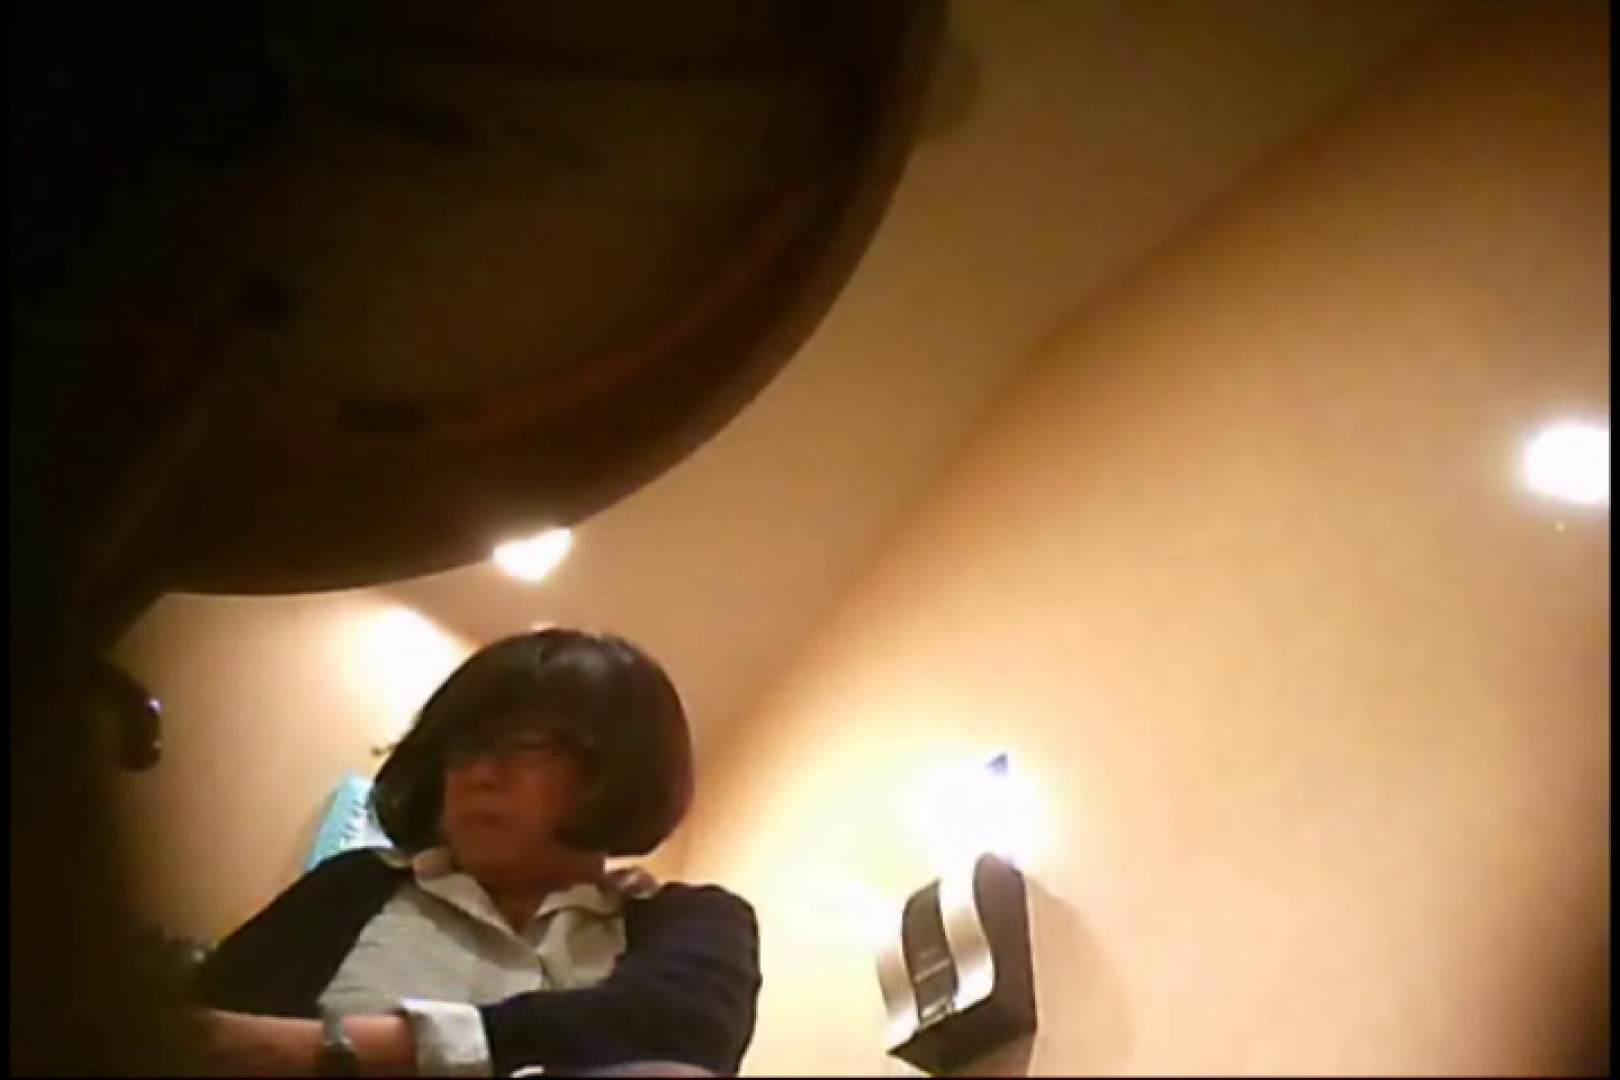 潜入!!女子化粧室盗撮~絶対見られたくない時間~vo,124 美人 おまんこ無修正動画無料 112pic 7